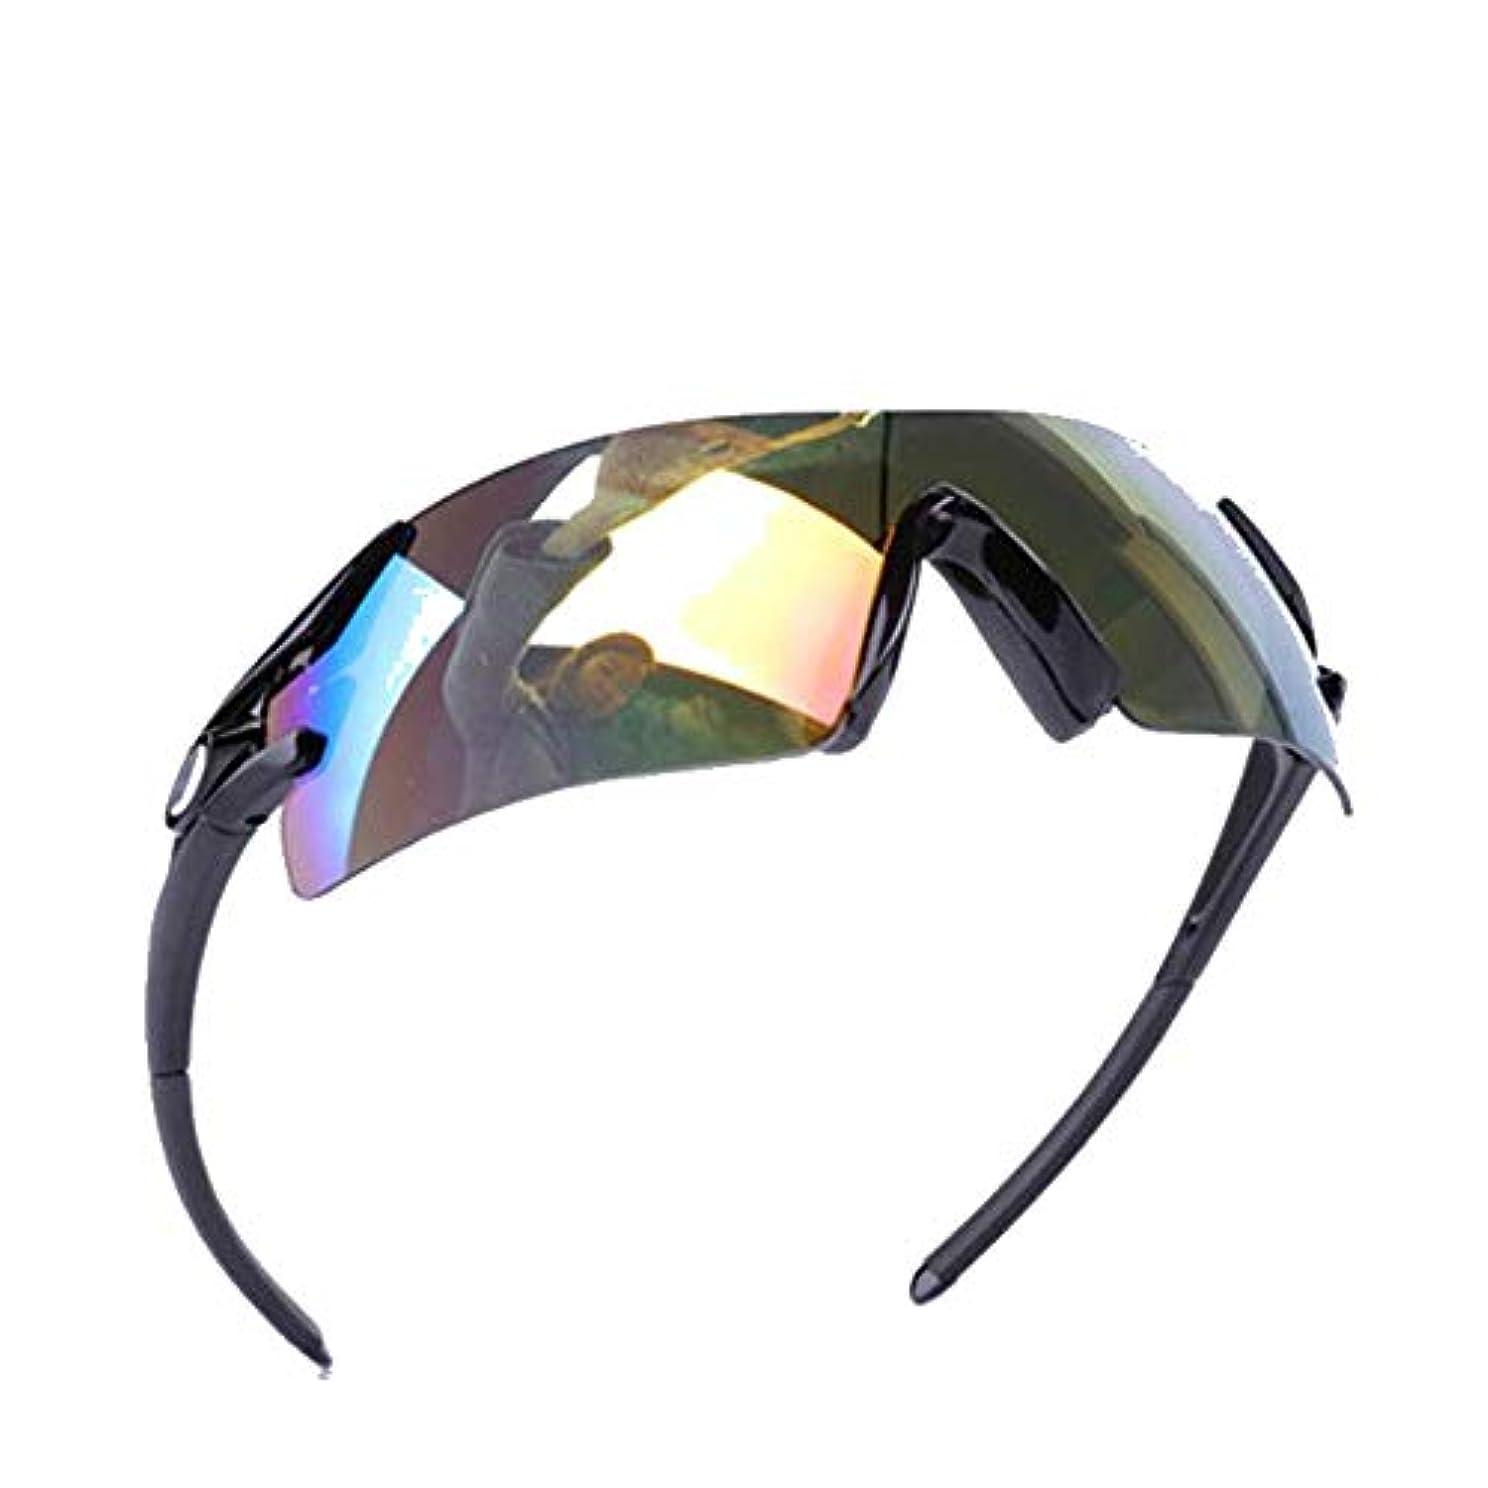 支配的届ける繊維スポーツサングラス アウトドア用サイクリンググラスアウトドア用サイクリンググラスサイクリング用グラス ユニセックスサングラス